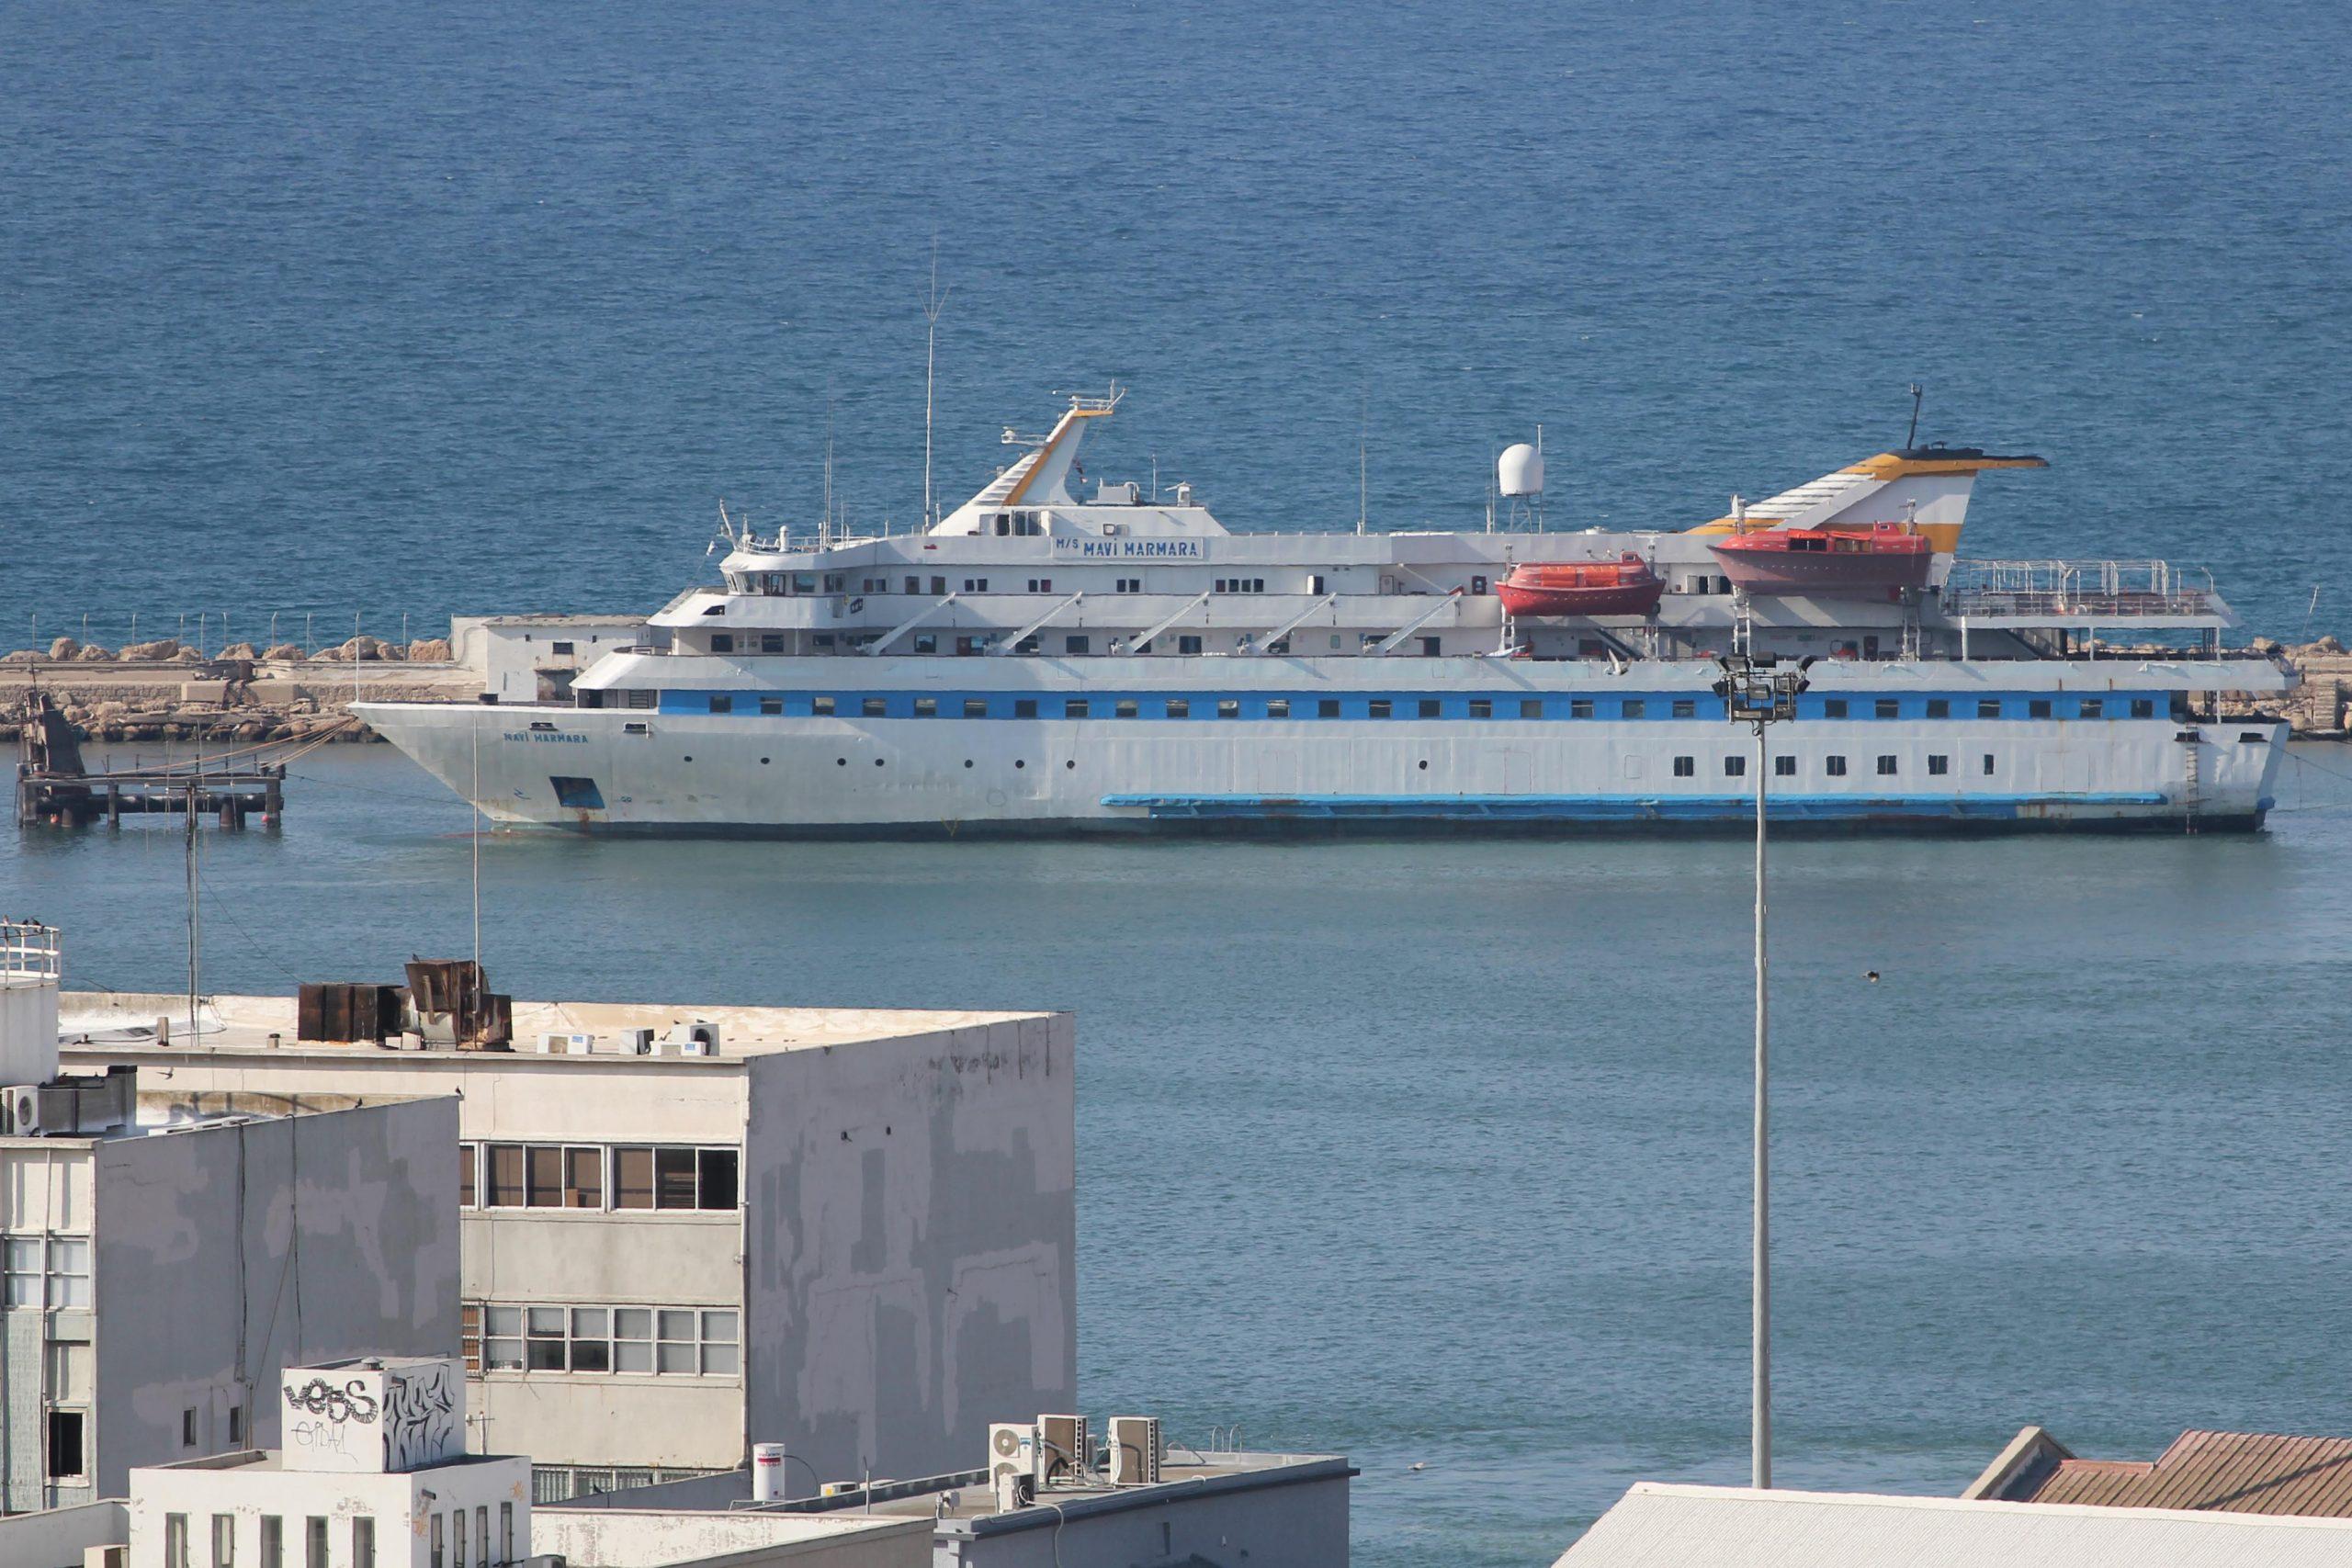 Mavi Marmara impounded in Haifa Port